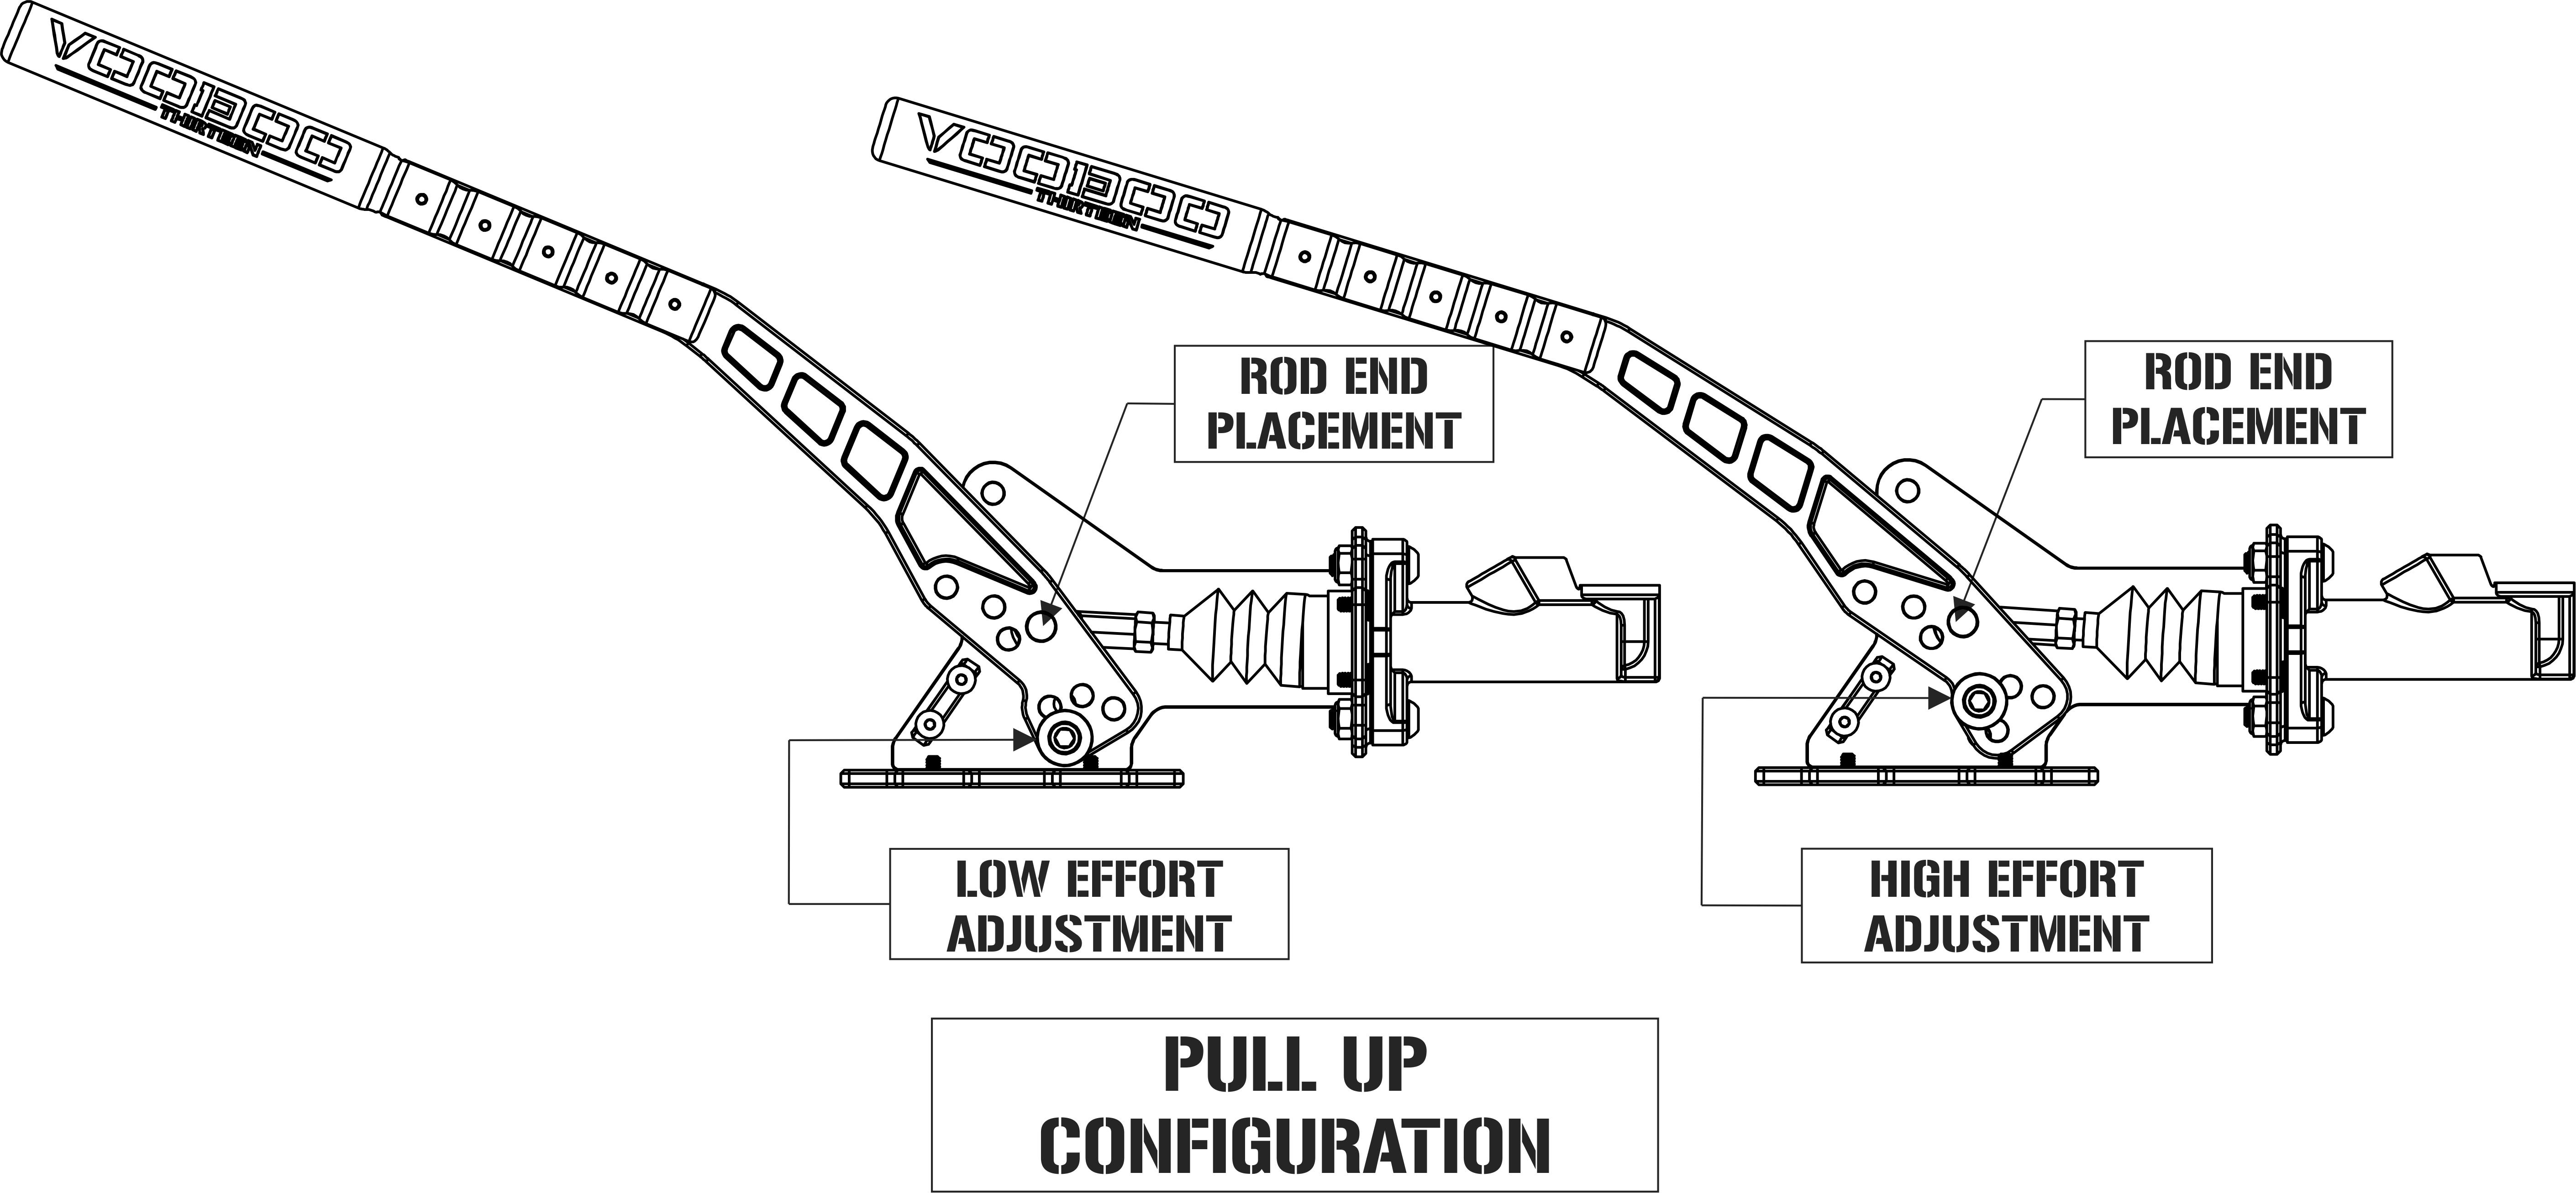 2017 Nissan Armada Configurations >> Voodoo13 Hydraulic Handbrake - Nissan Race Shop